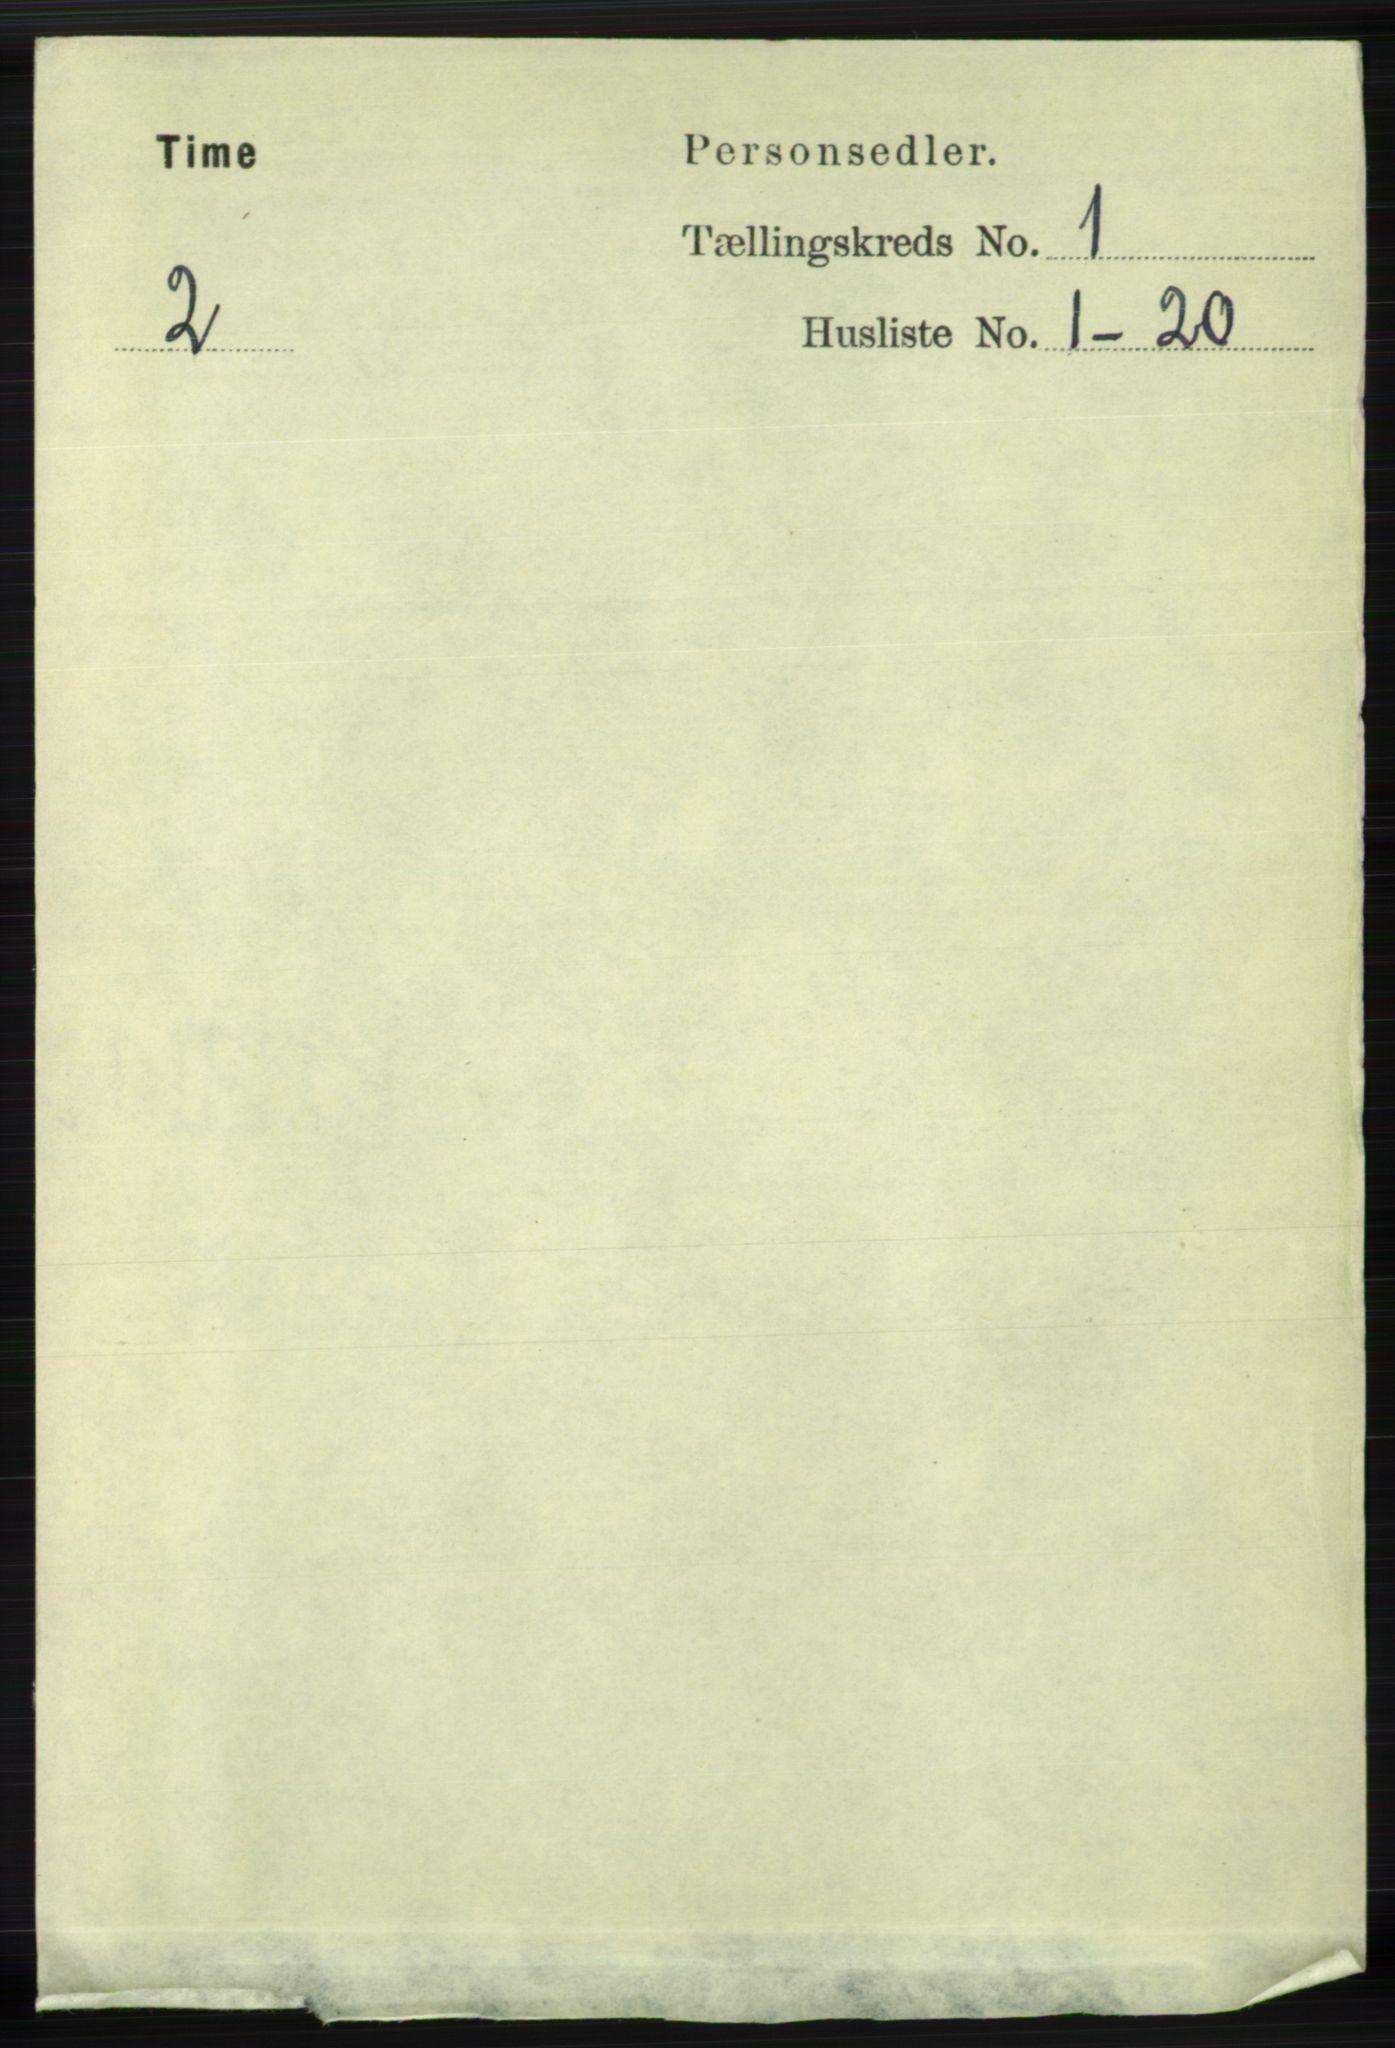 RA, Folketelling 1891 for 1121 Time herred, 1891, s. 104